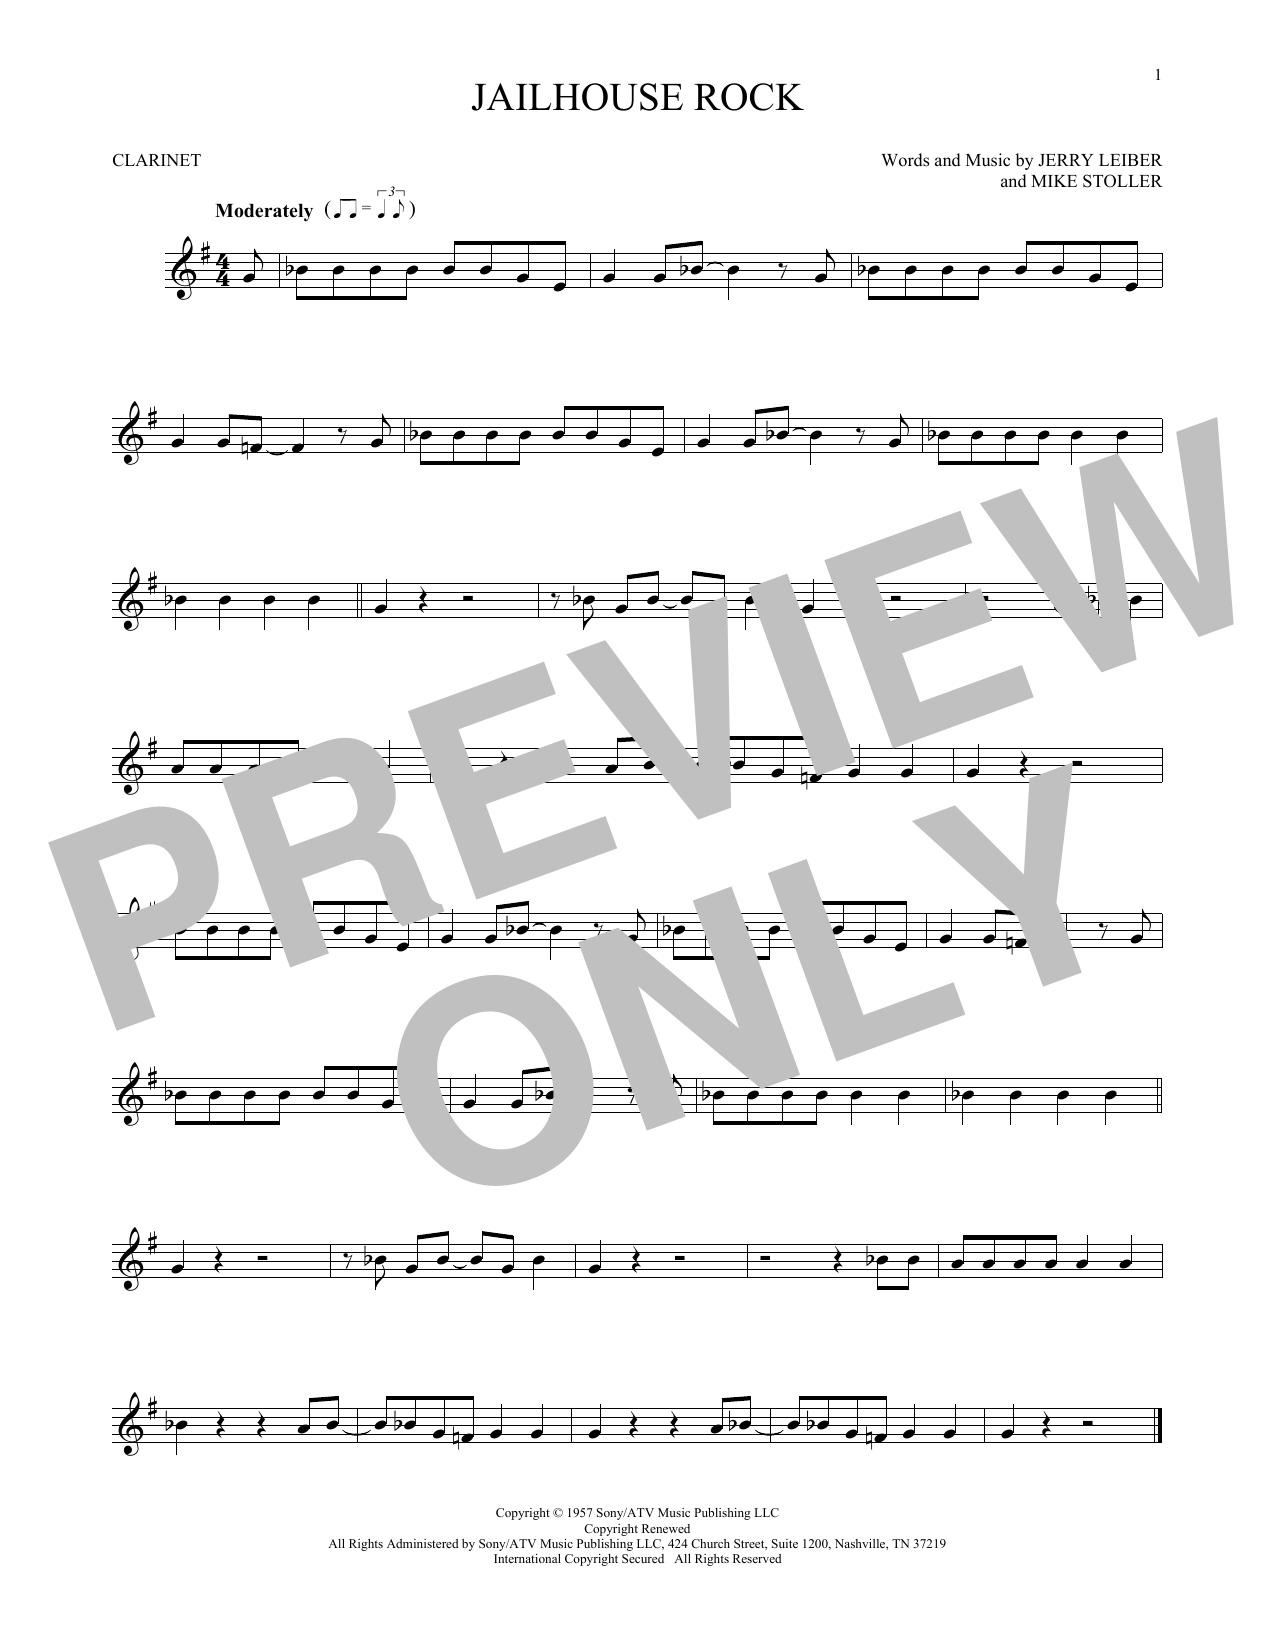 Jailhouse Rock (Clarinet Solo)